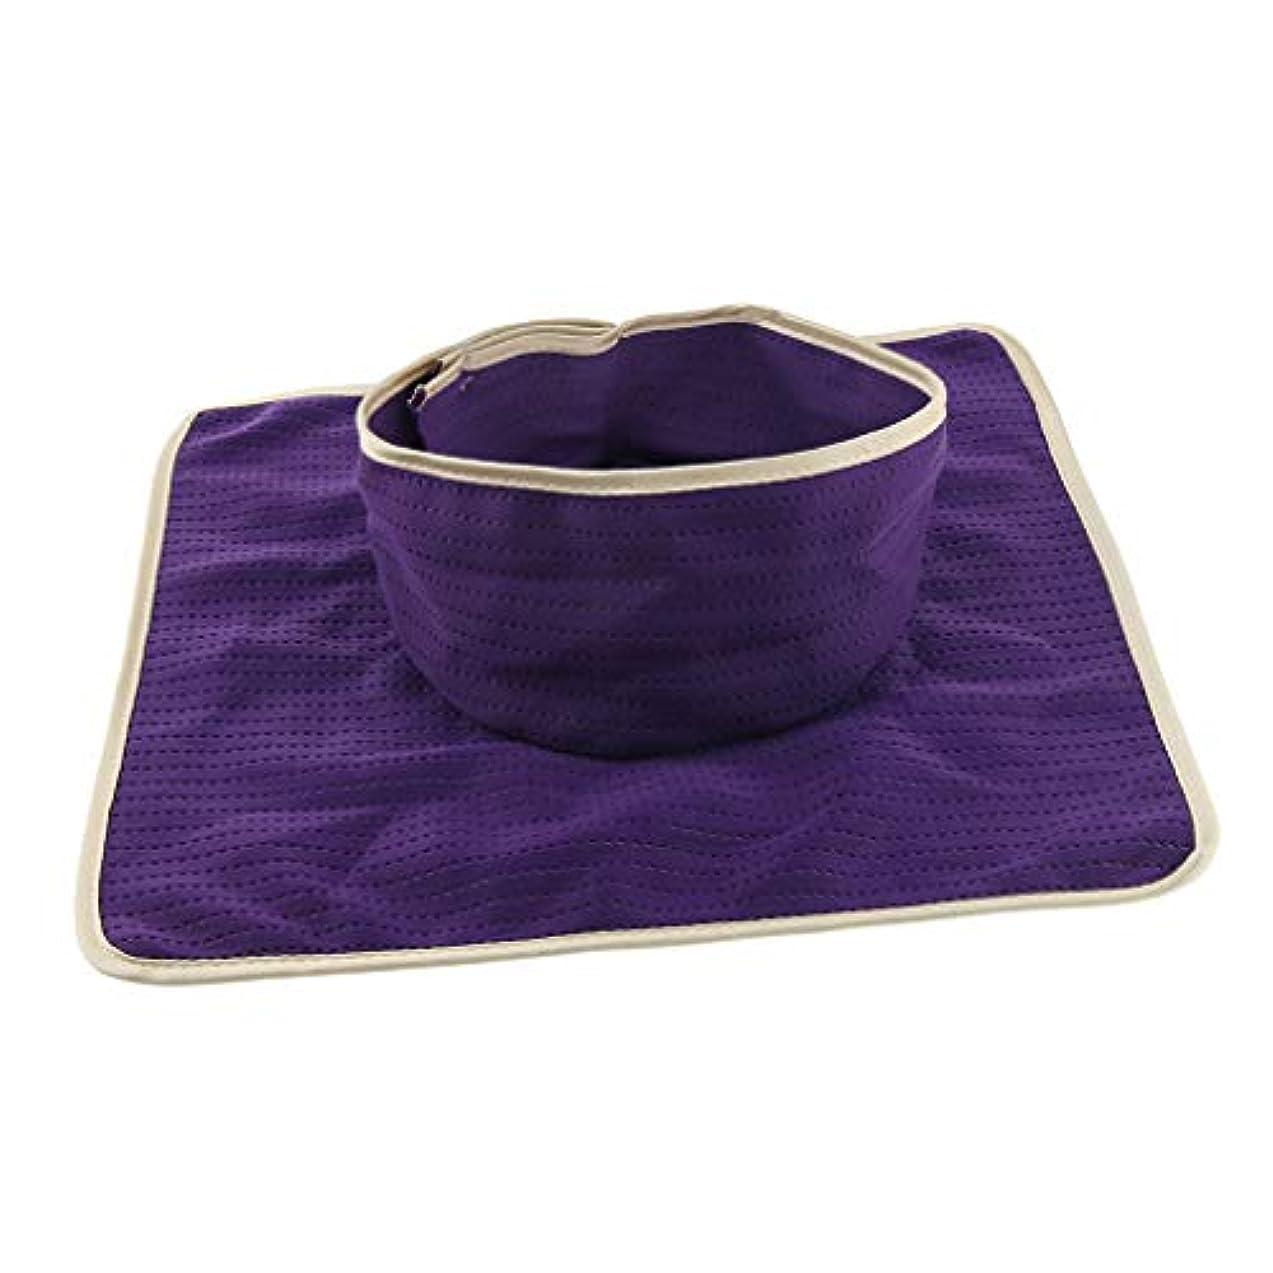 持っているネコロッカーマッサージ ベッドカバー シート パッド 洗濯可能 再利用可能 約35×35cm 全3色 - 紫